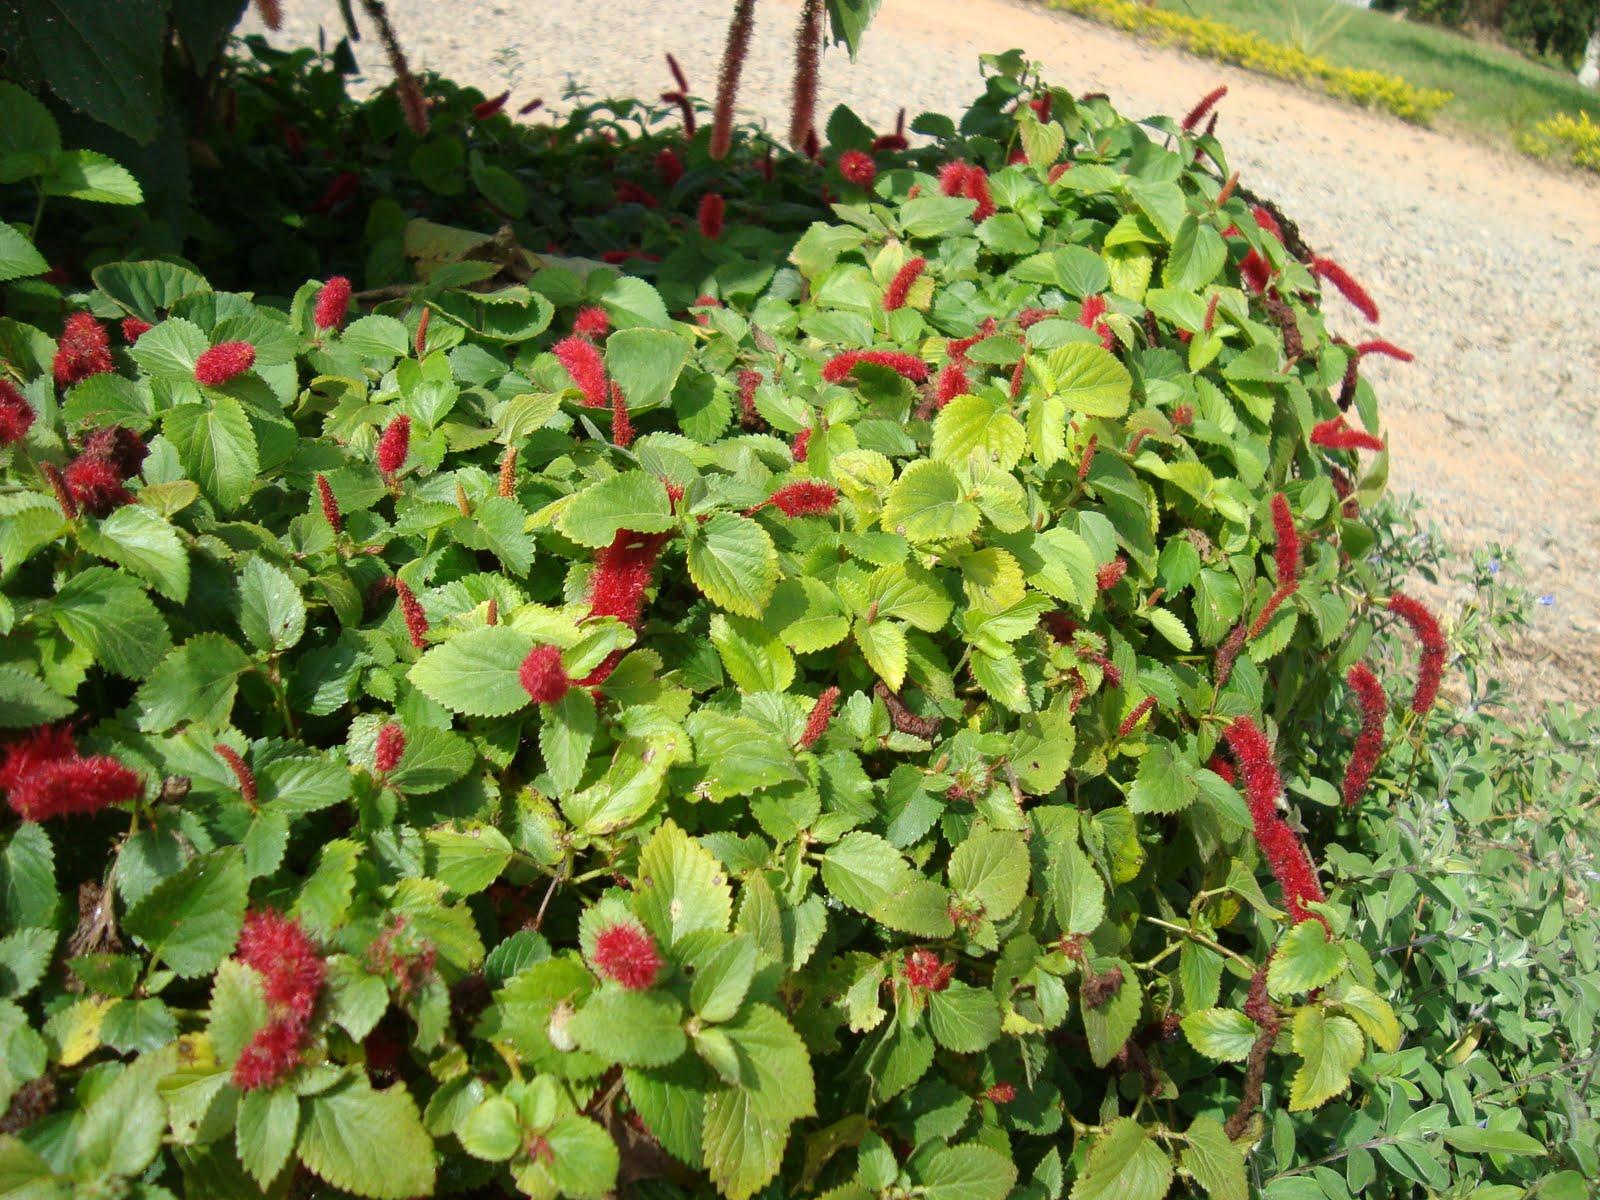 Plantas rasteiras de sombraa